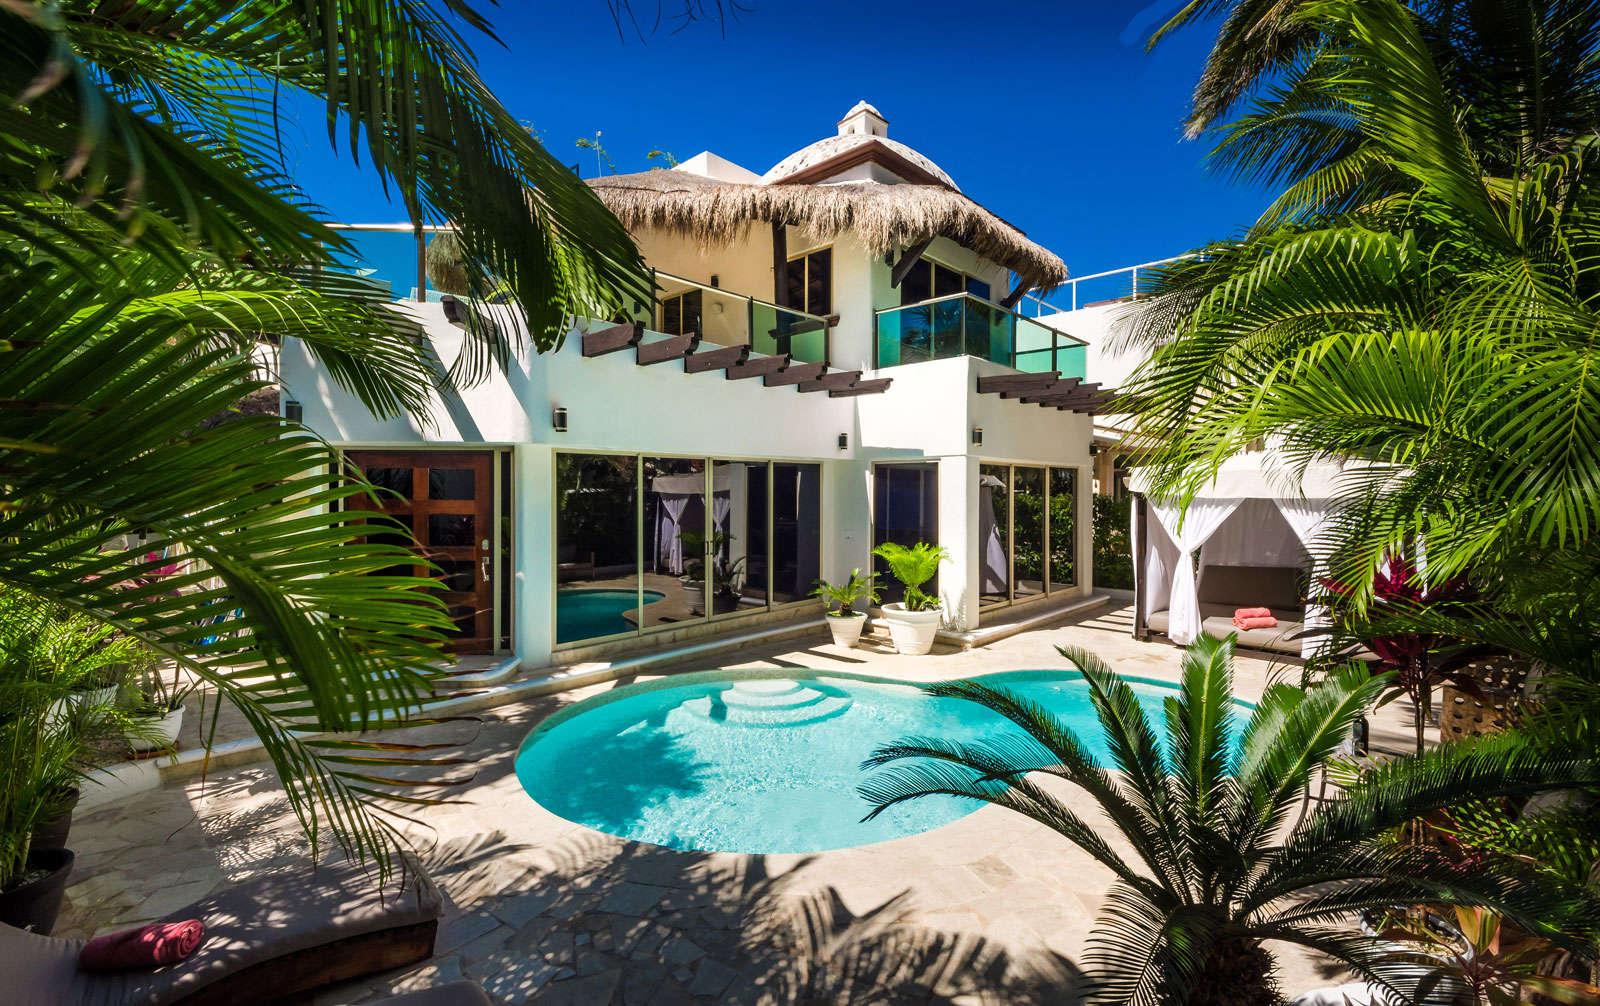 Luxury vacation rentals mexico - Riviera maya - Playa del carmen - No location 4 - Casa Nikki - Image 1/26